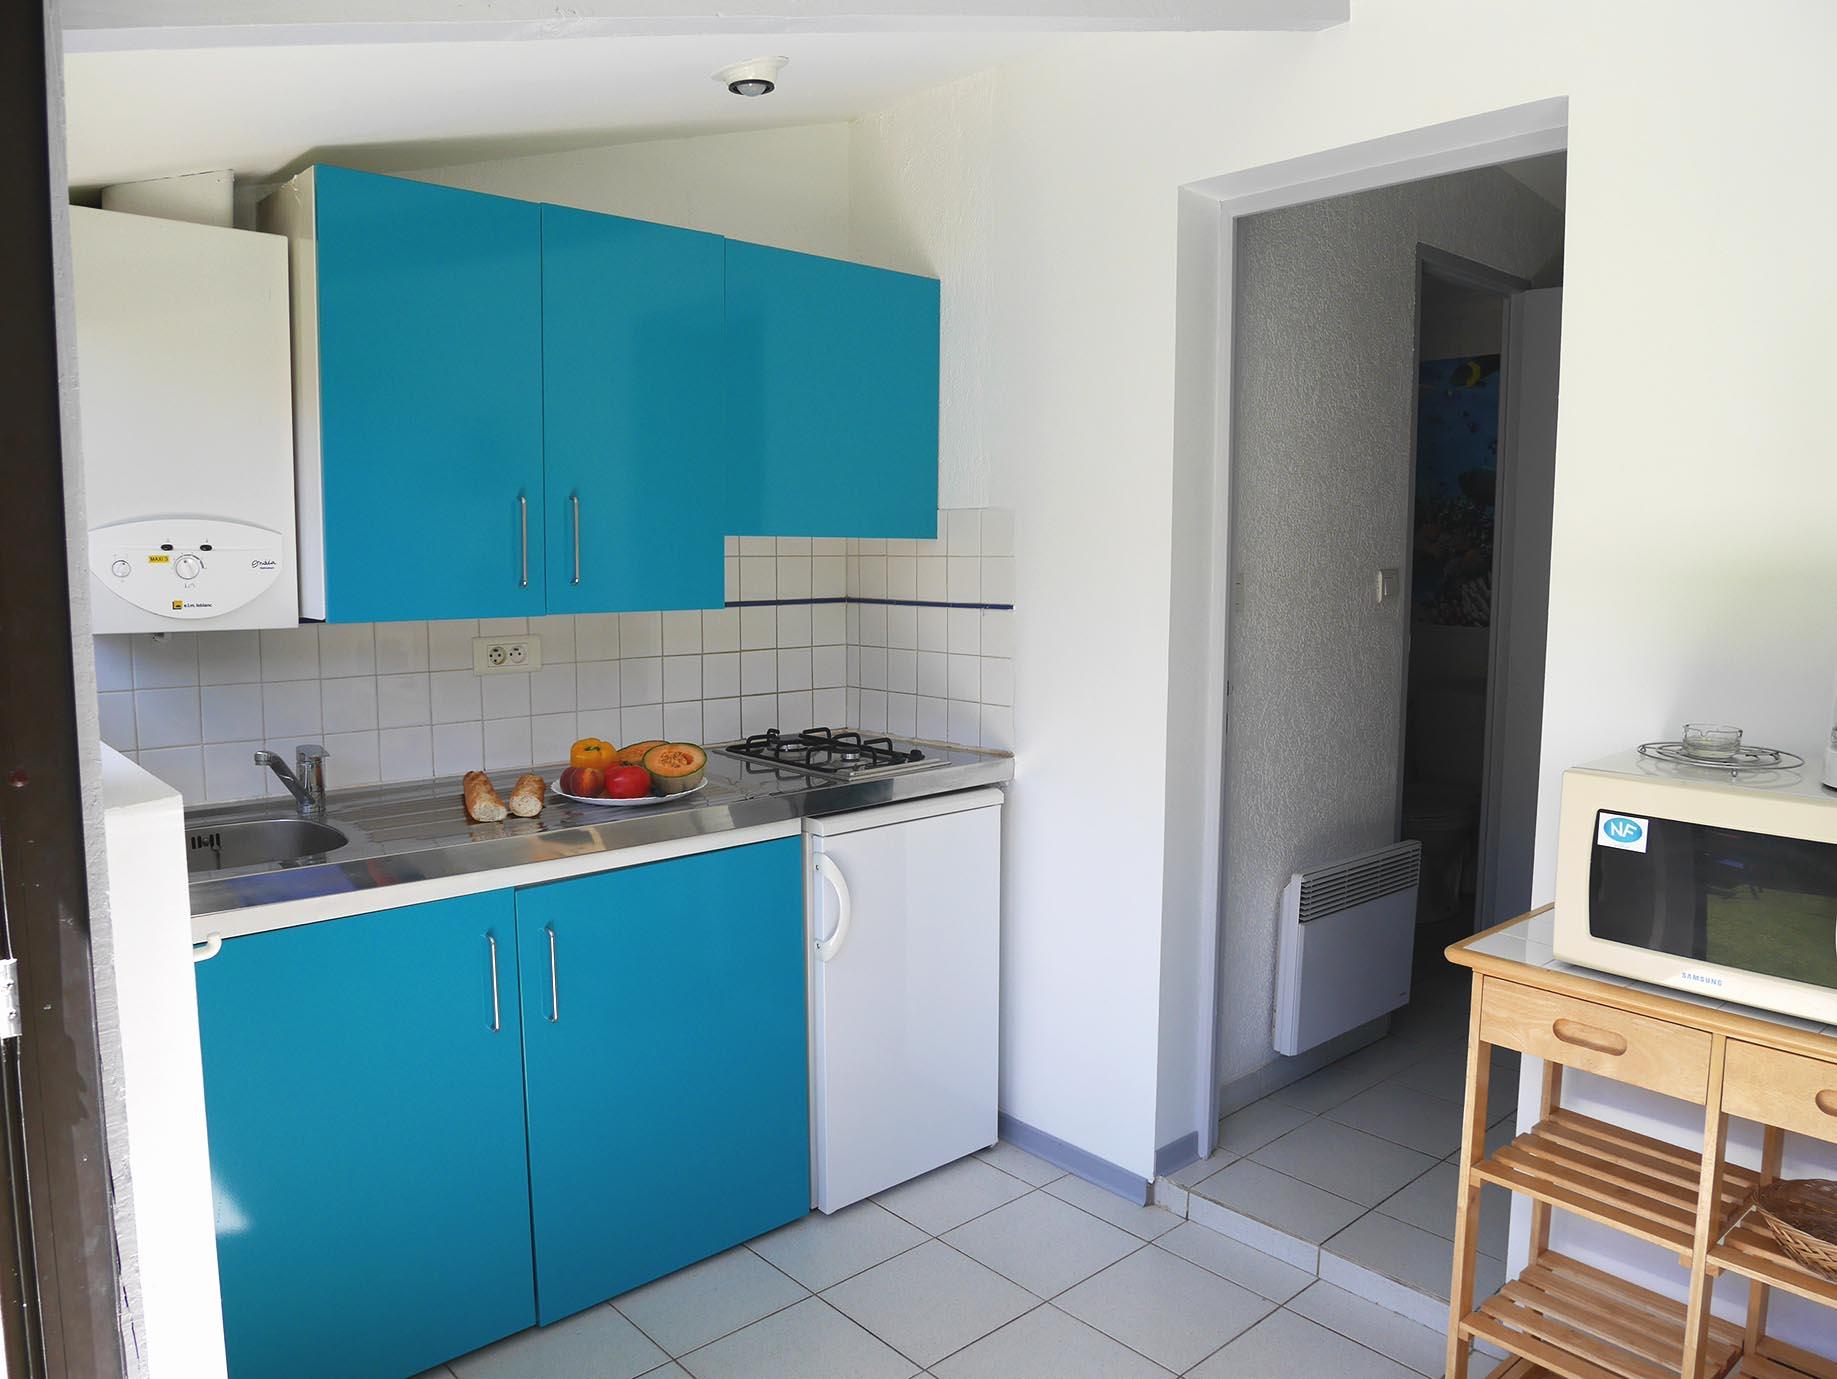 cuisine bleue couleur pep's